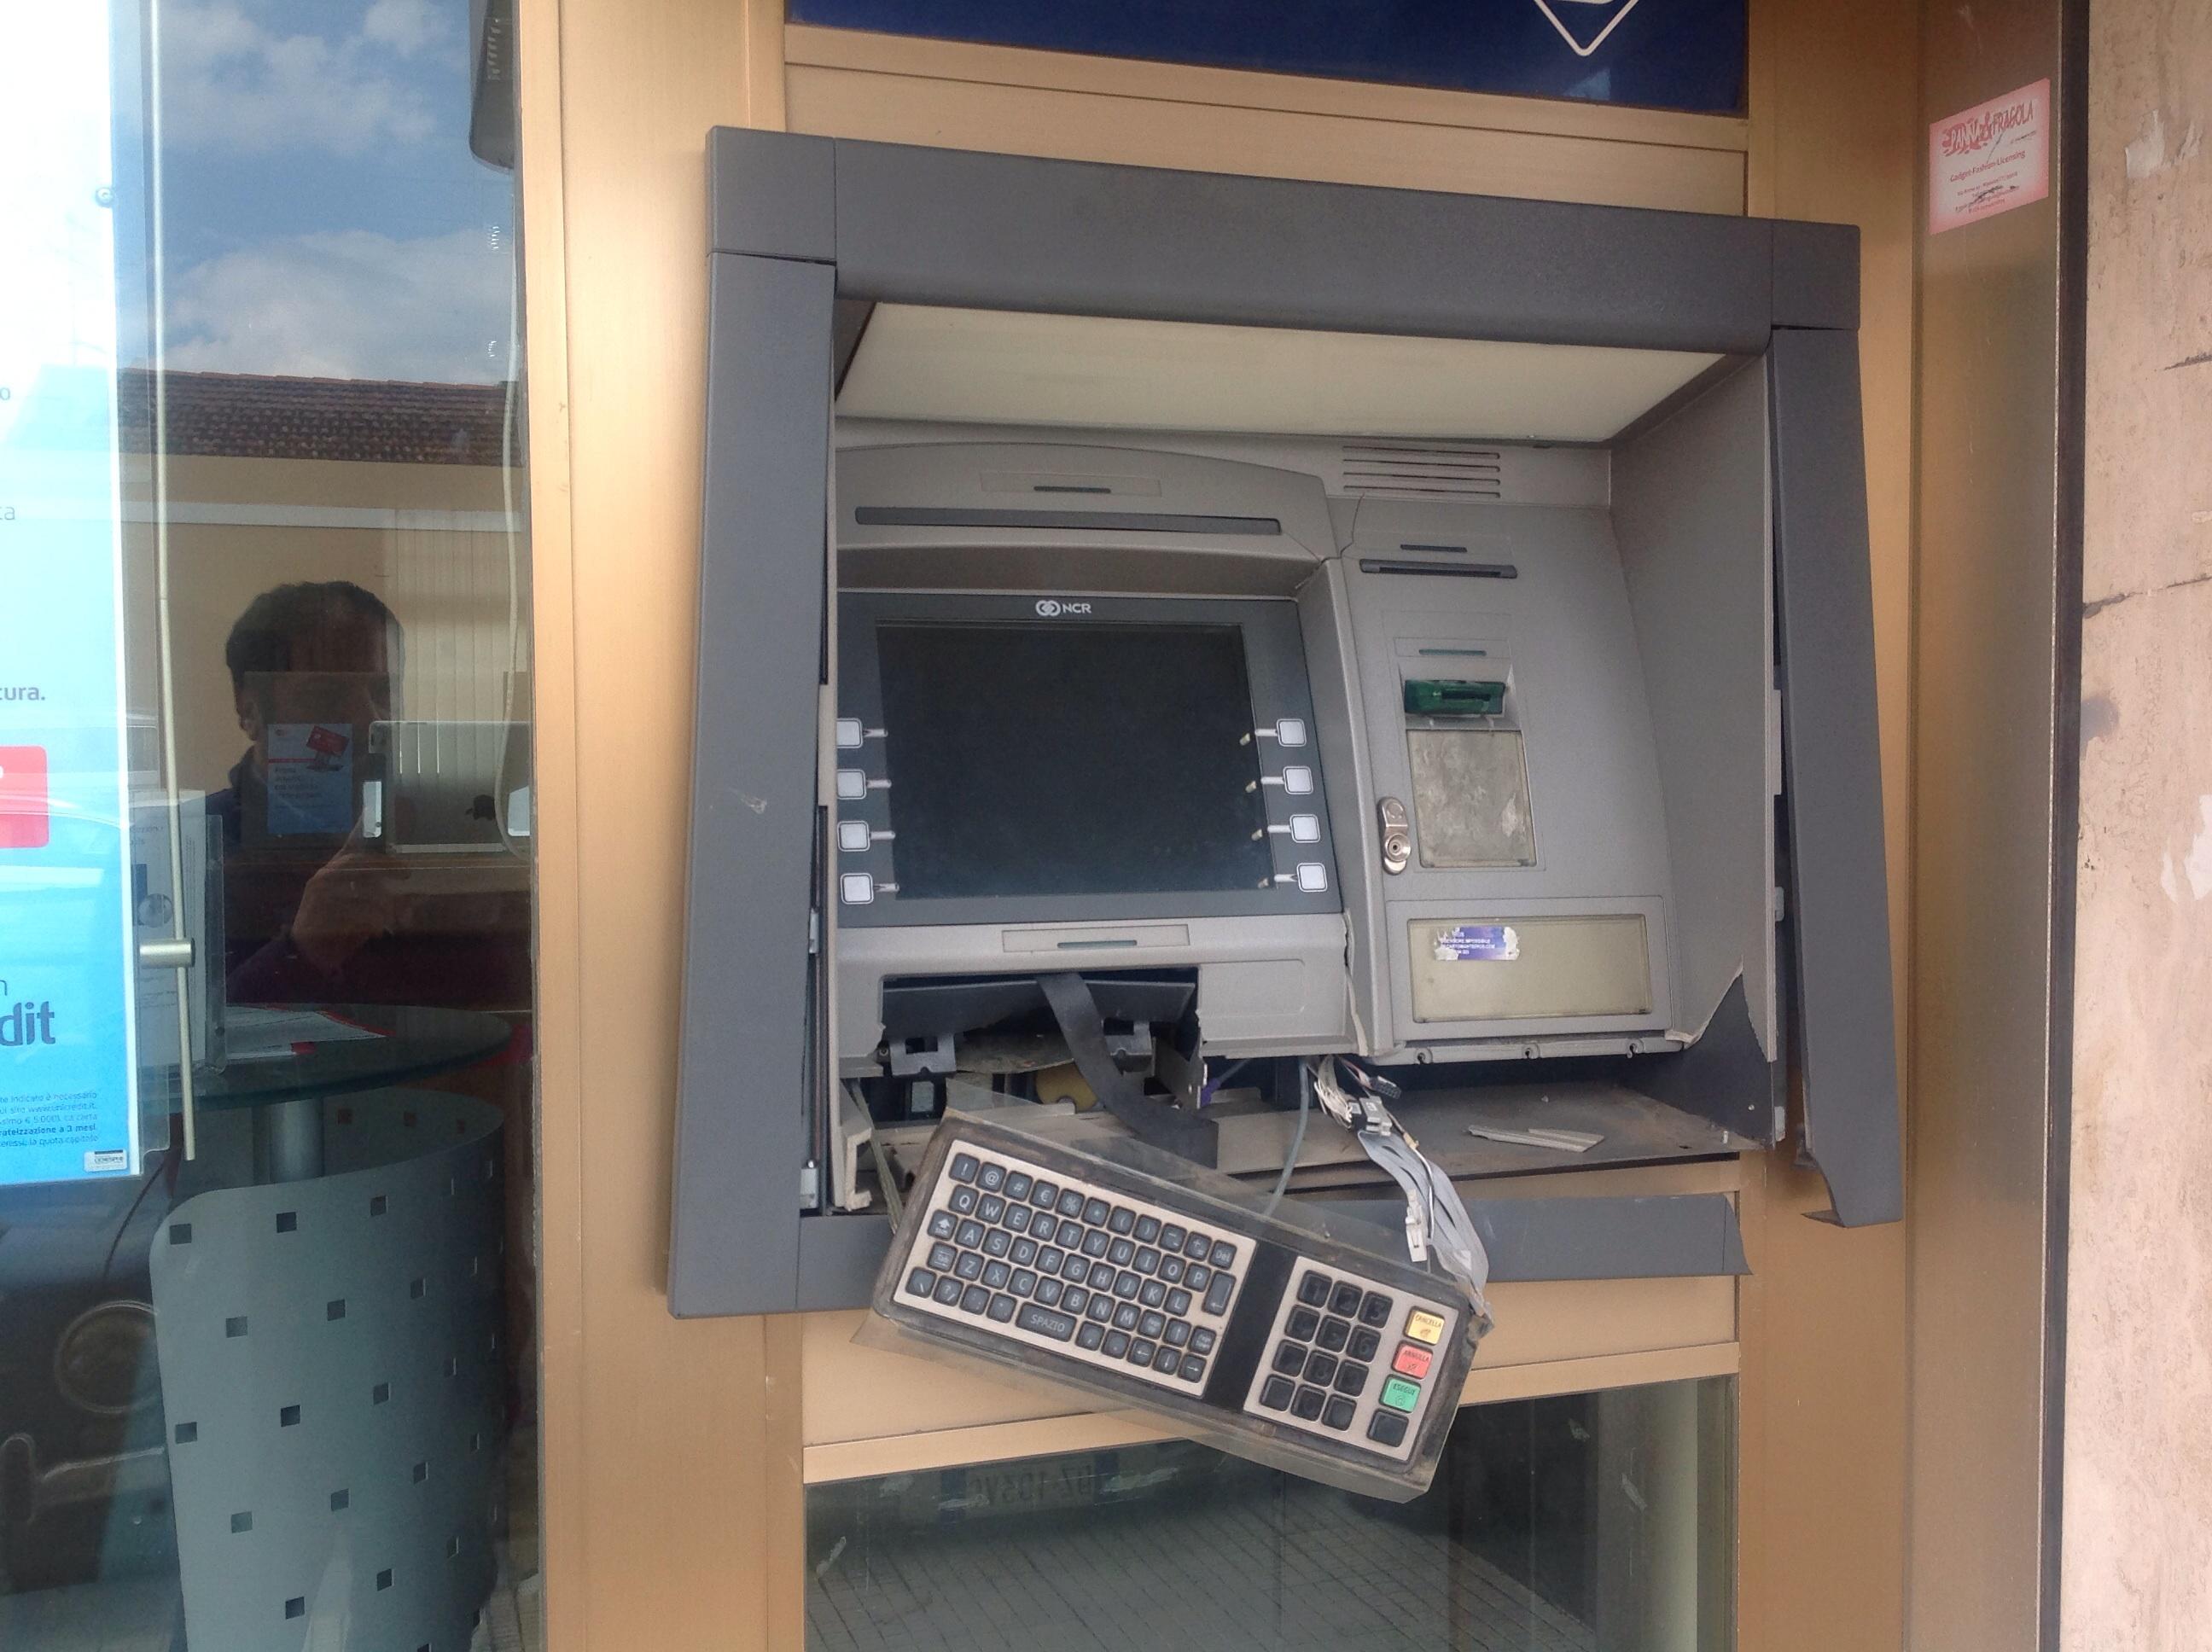 Giarre, danneggiato bancomat Unicredit VIDEO